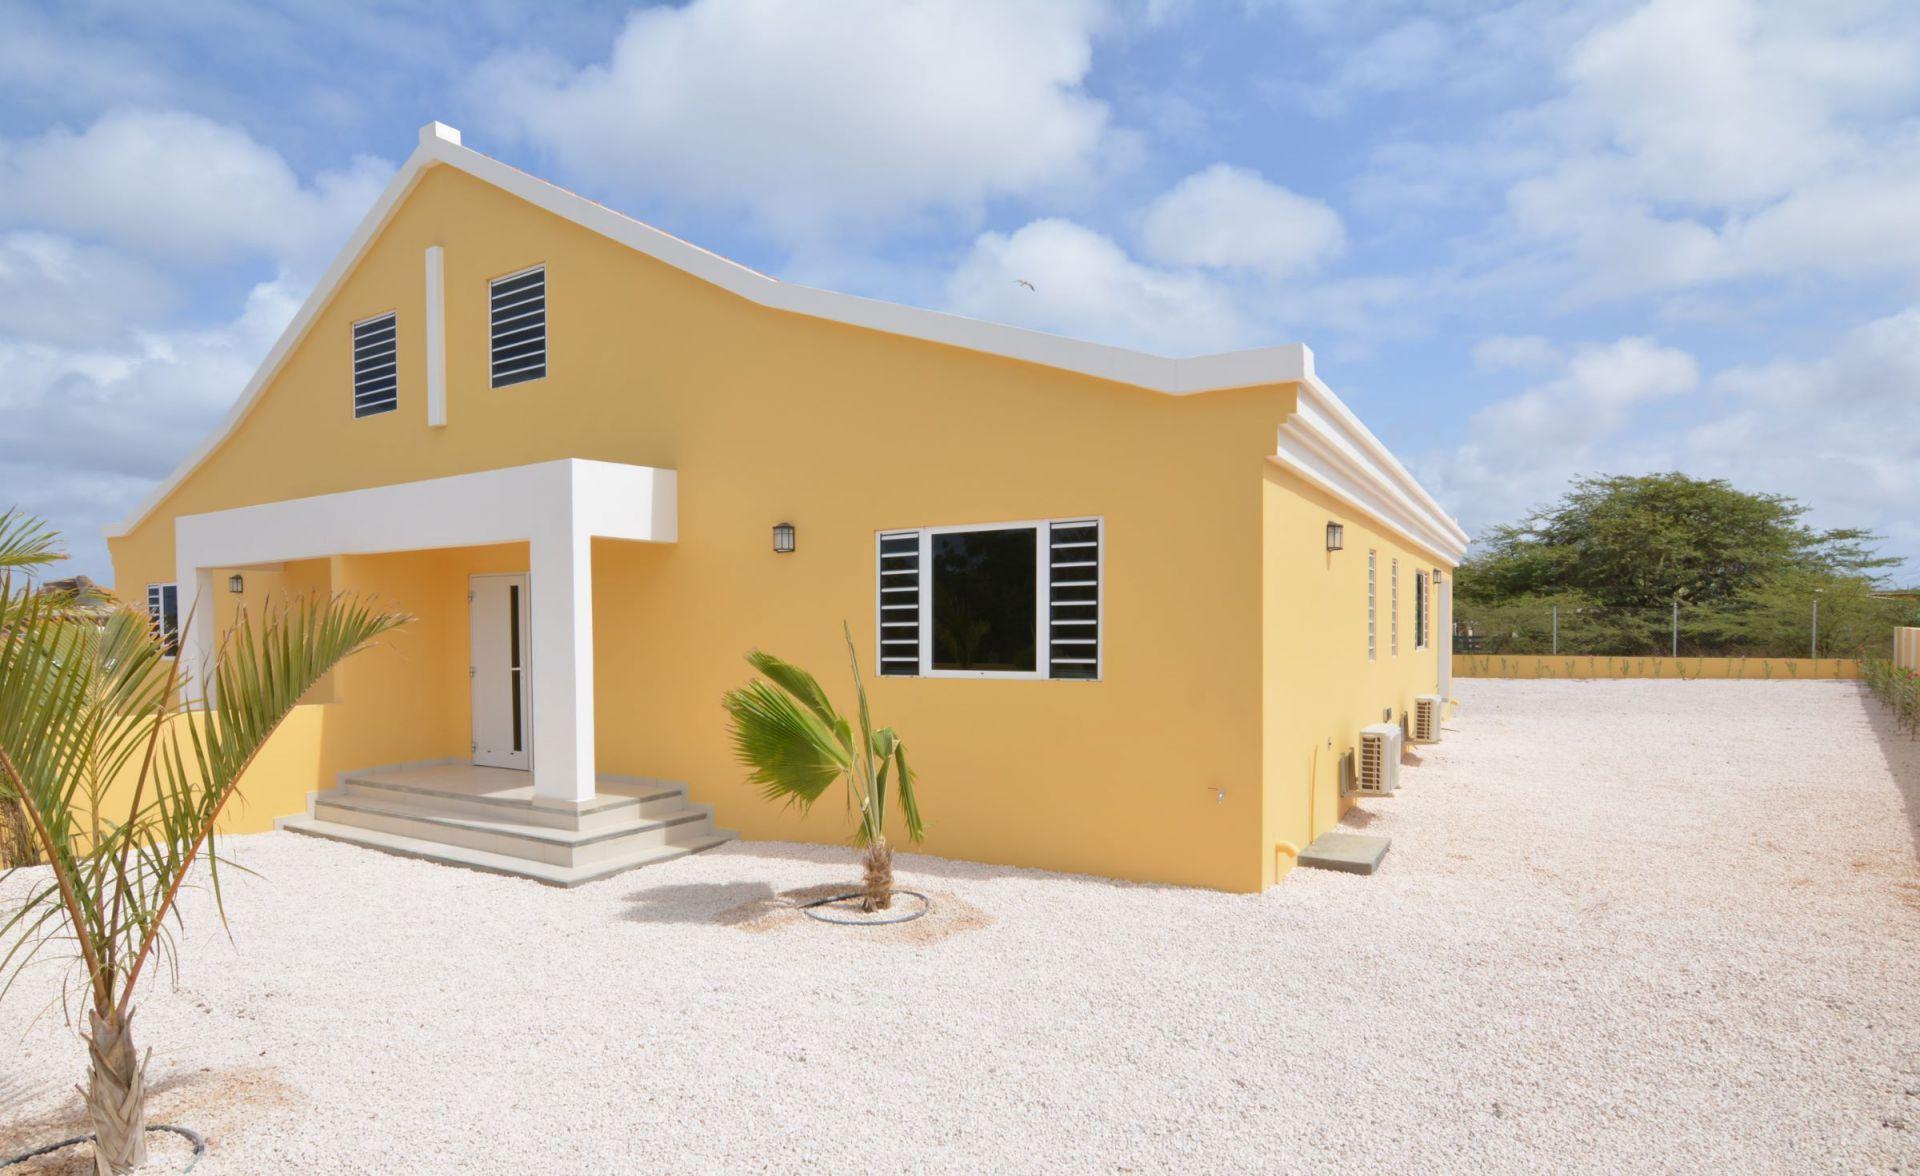 Nieuwbouw woning kopen op Bonaire | Sunbelt Realty